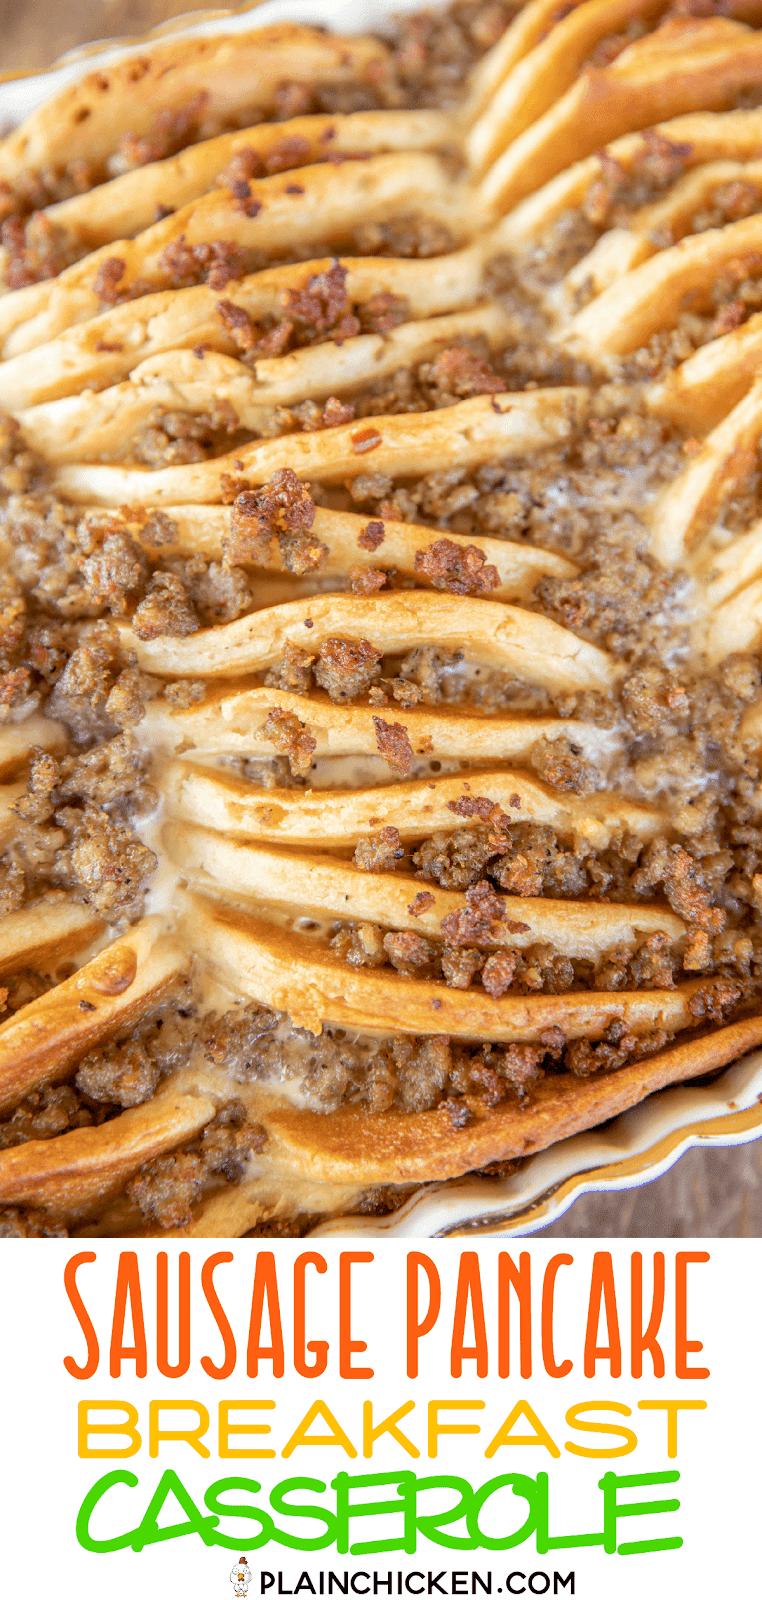 sausage pancake breakfast casserole in baking dish